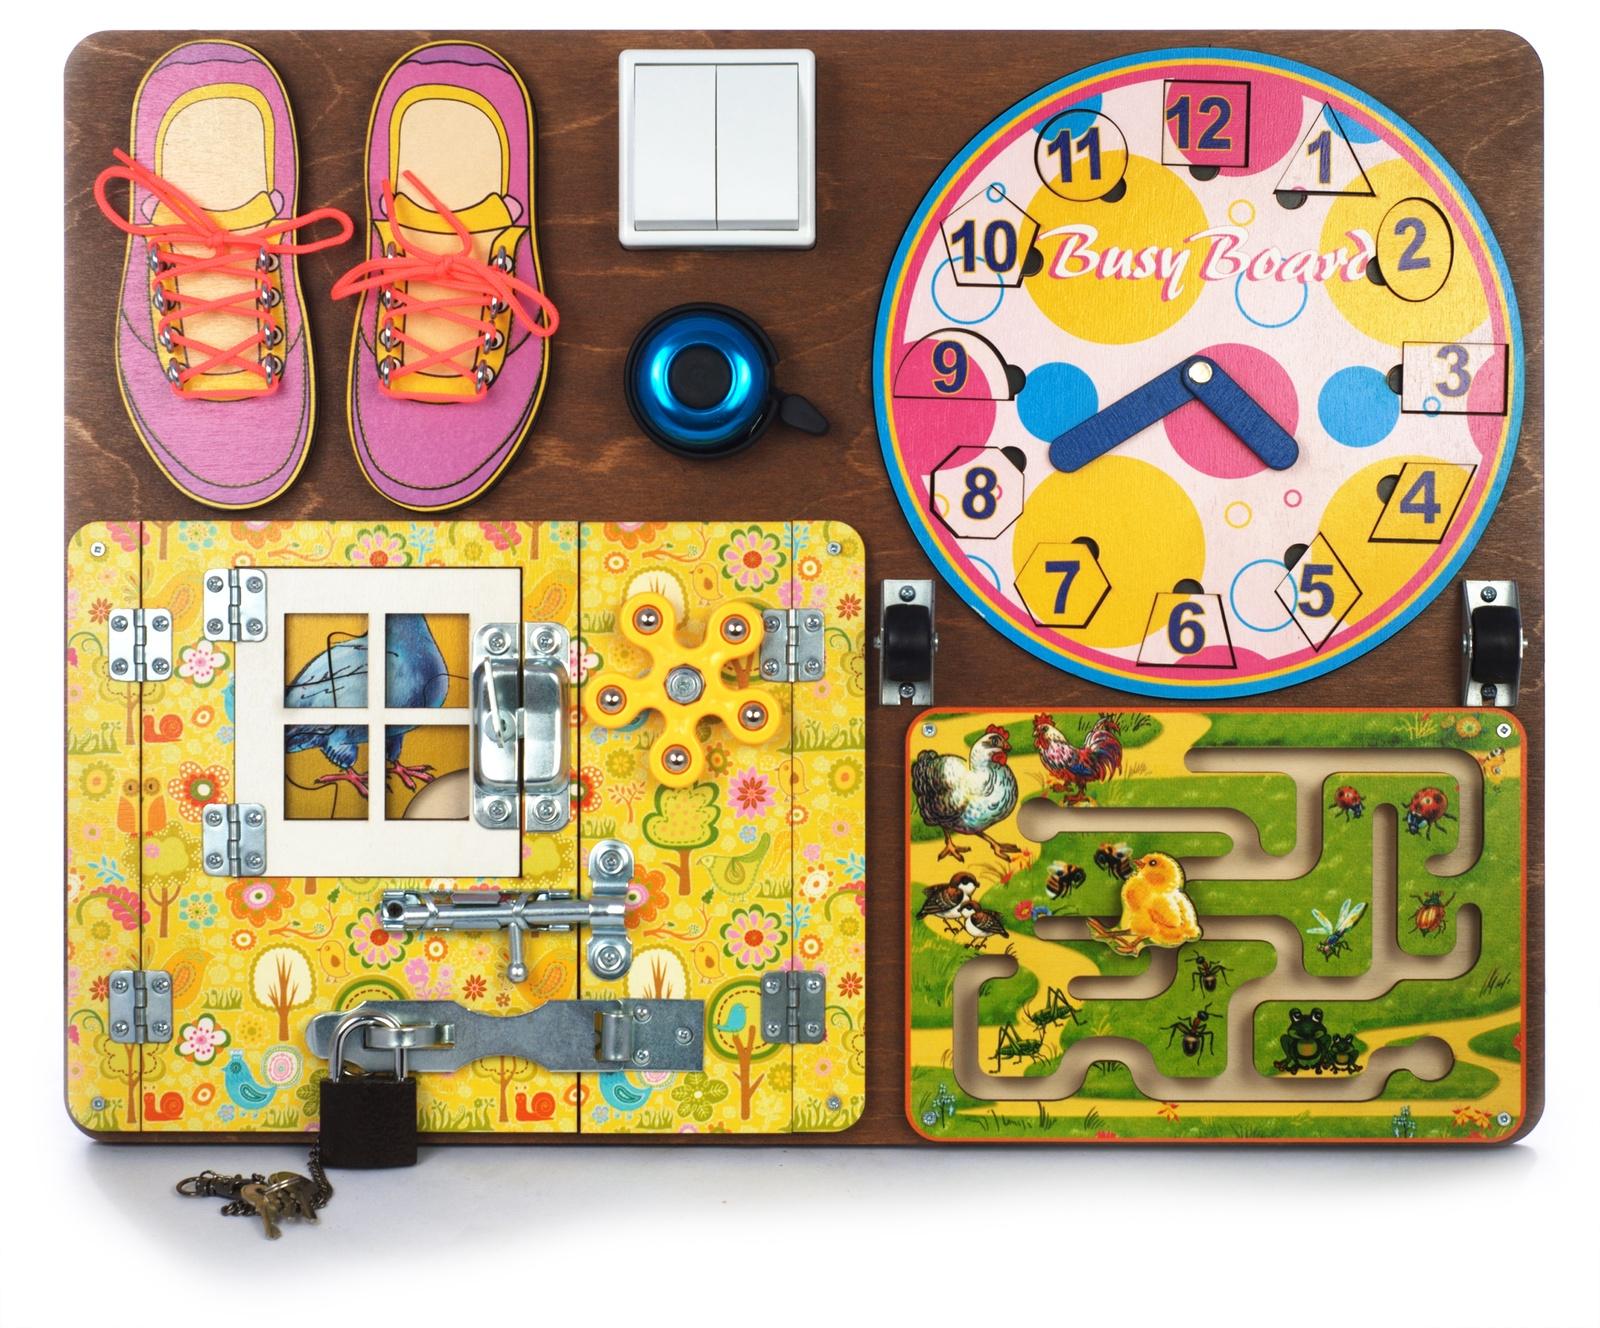 Бизиборд Нескучные игры BusyBoard. Развивающая доска №2 , 7903